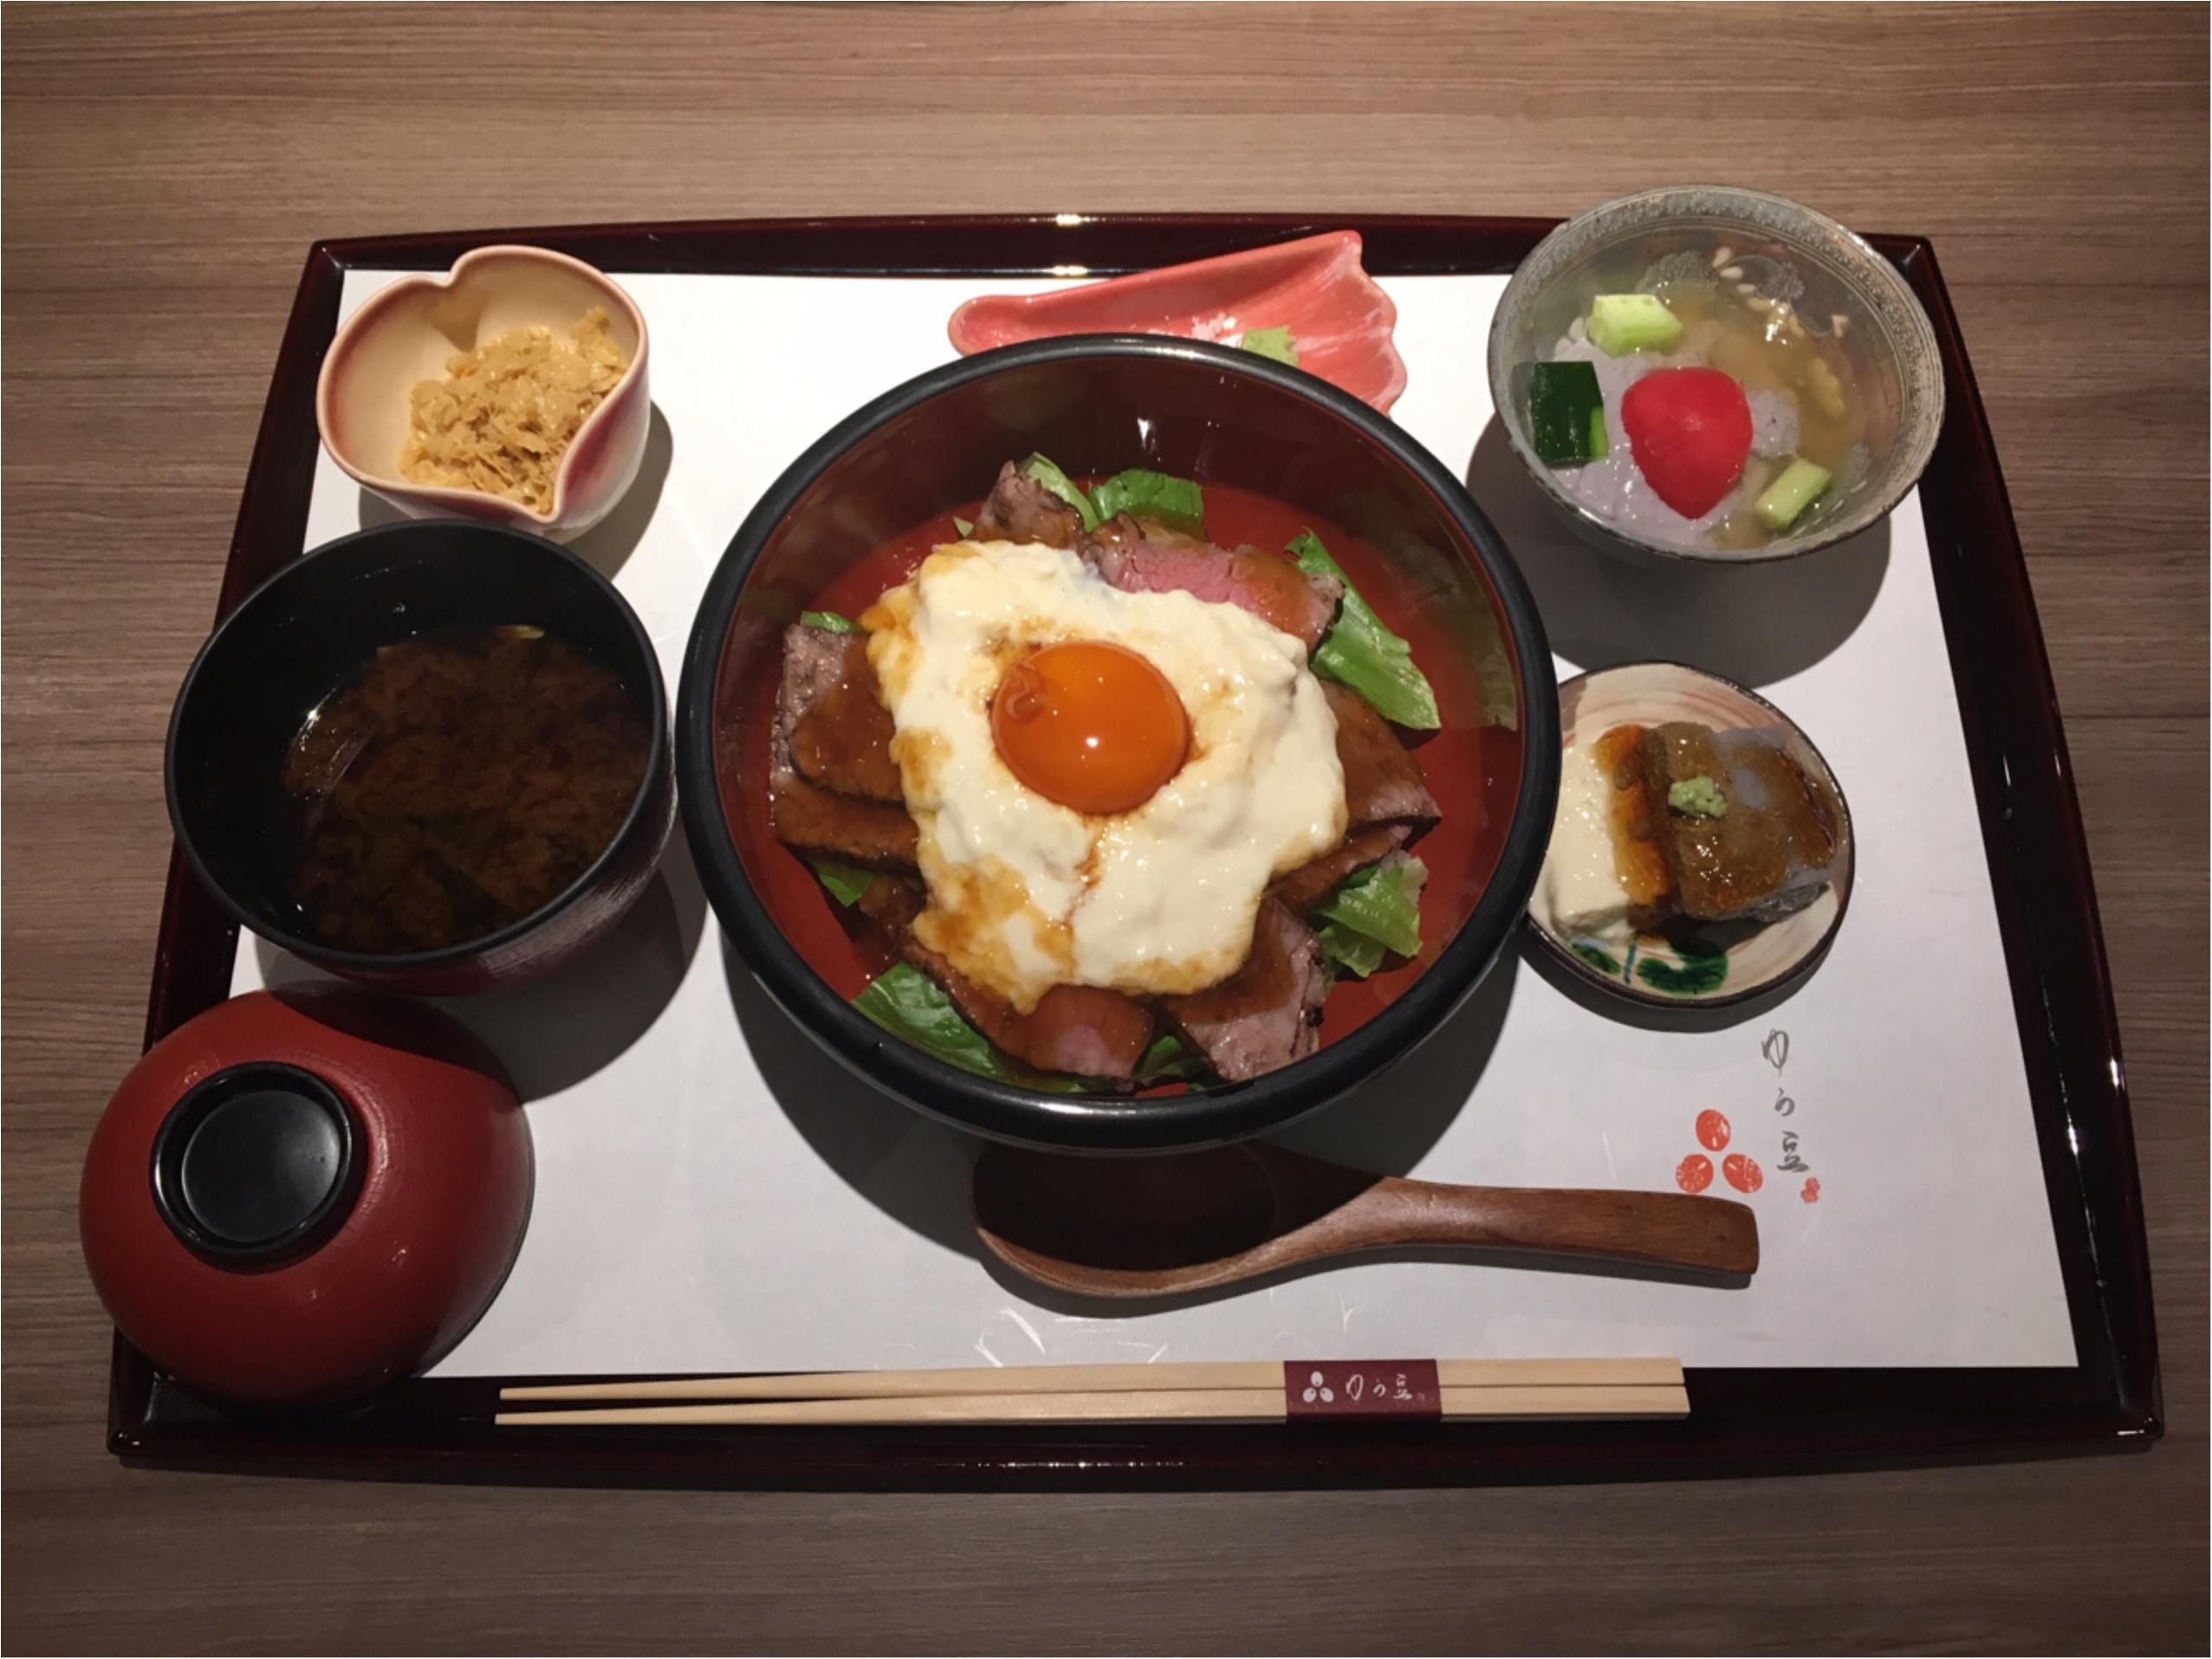 京都女子旅特集《2019年版》- 旅する女子がおすすめする、インスタ映えスポットやカフェ、レンタル着物は?_11